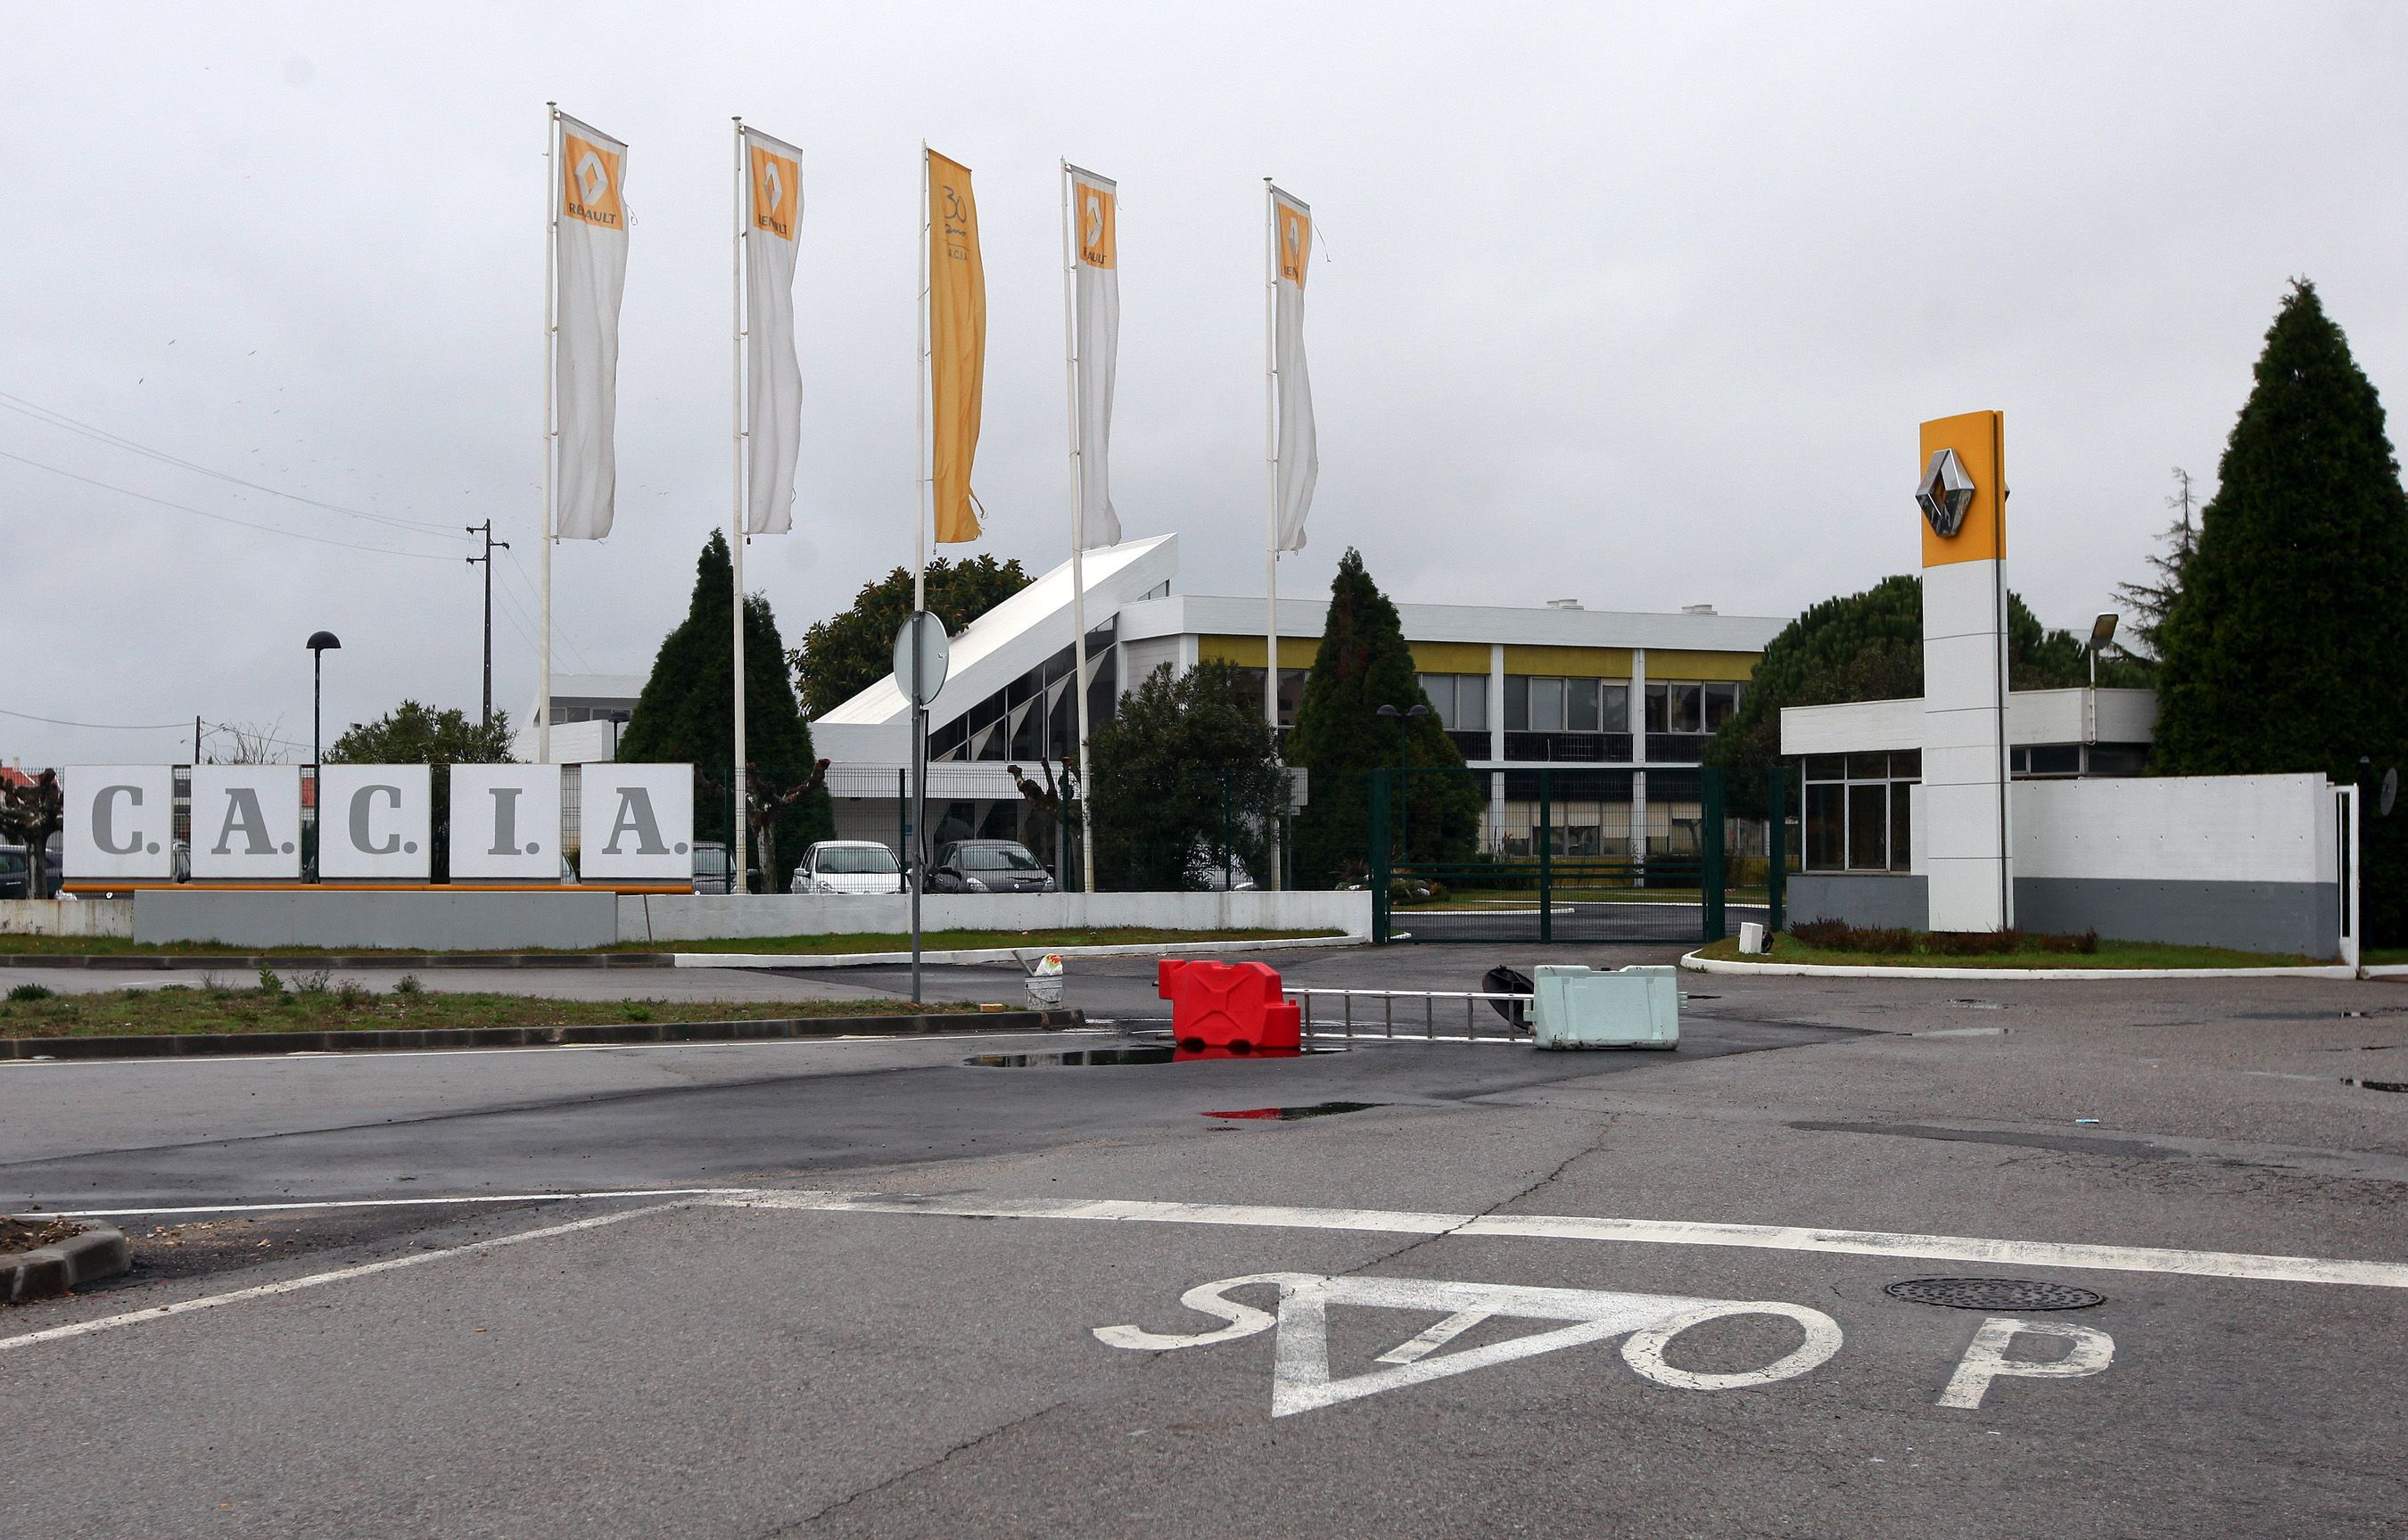 Trabalhadores da Renault Cacia rejeitam cortes, face a resultados da empresa